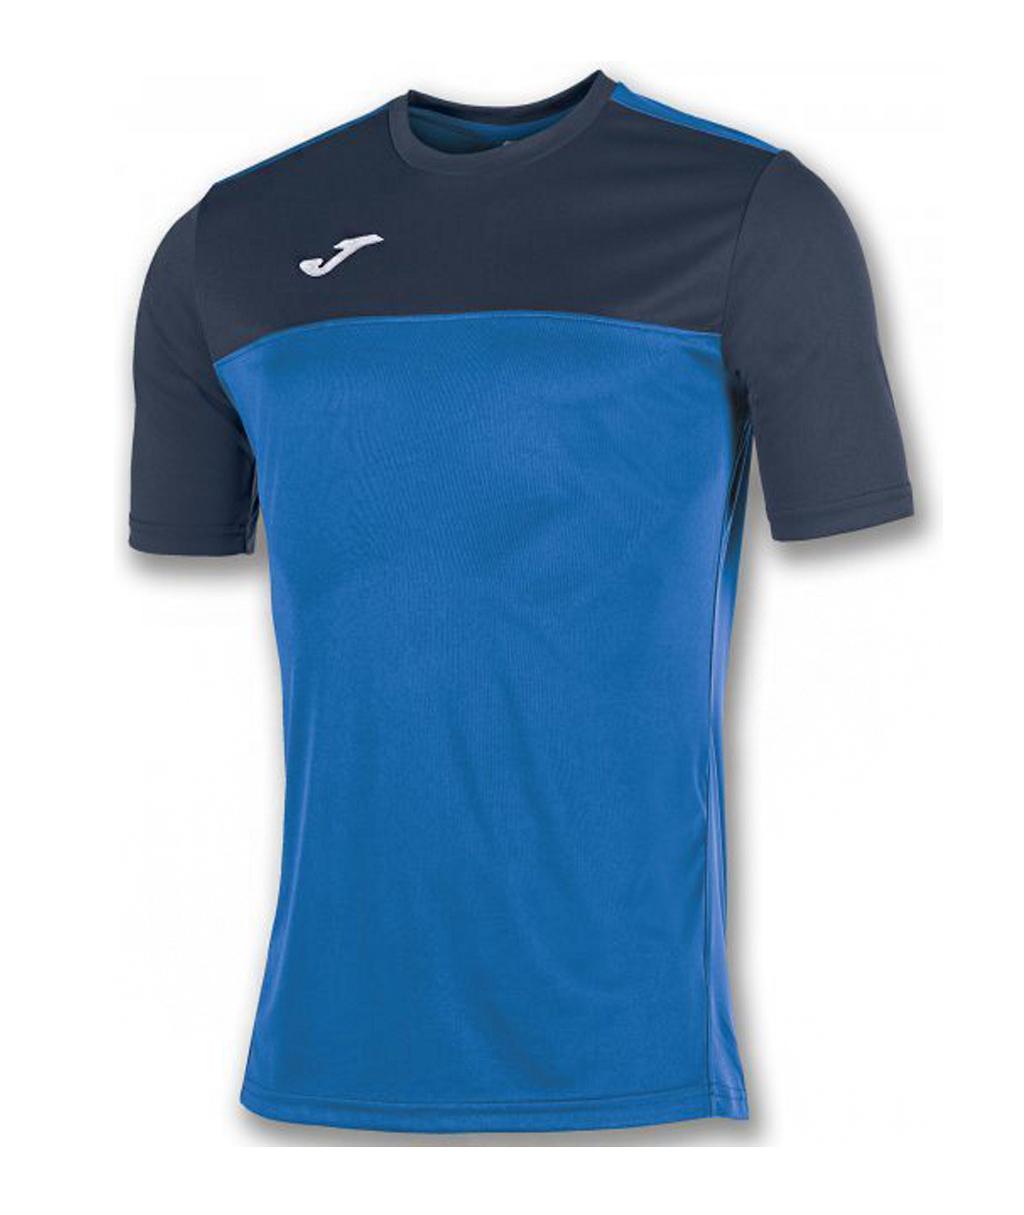 Купить футболку Joma Winner 100946.703 в интернет-магазине